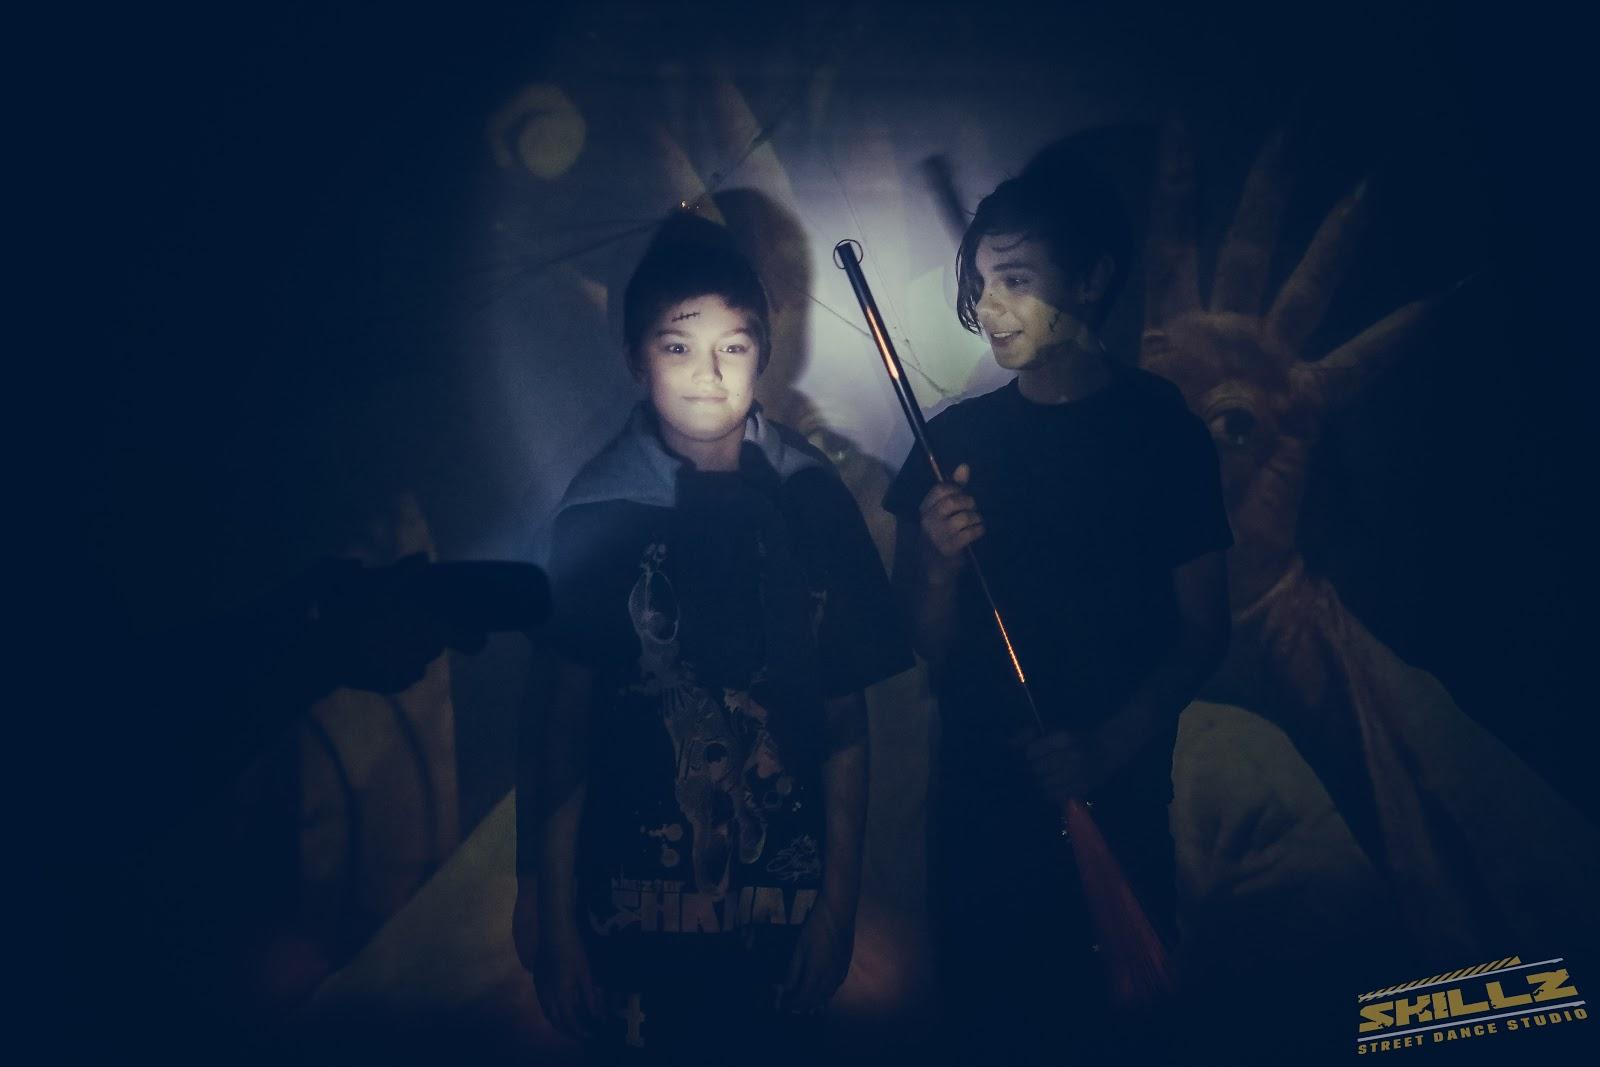 Naujikų krikštynos @SKILLZ (Halloween tema) - PANA1489.jpg